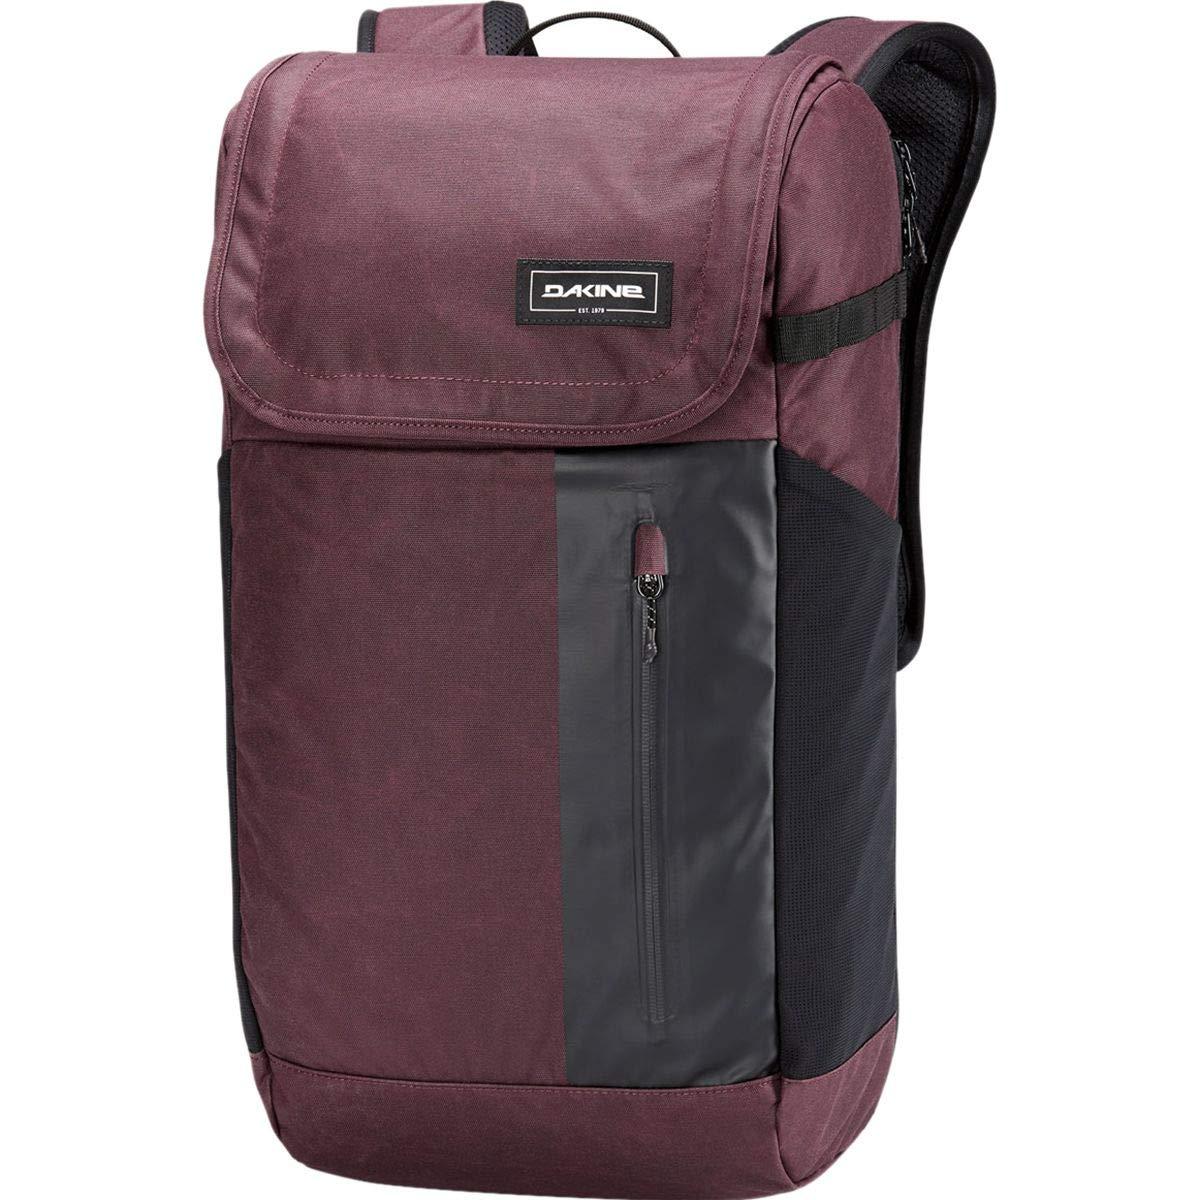 [ダカイン] メンズ バックパックリュックサック Concourse 28L Backpack [並行輸入品] B07GQX35FZ  No-Size